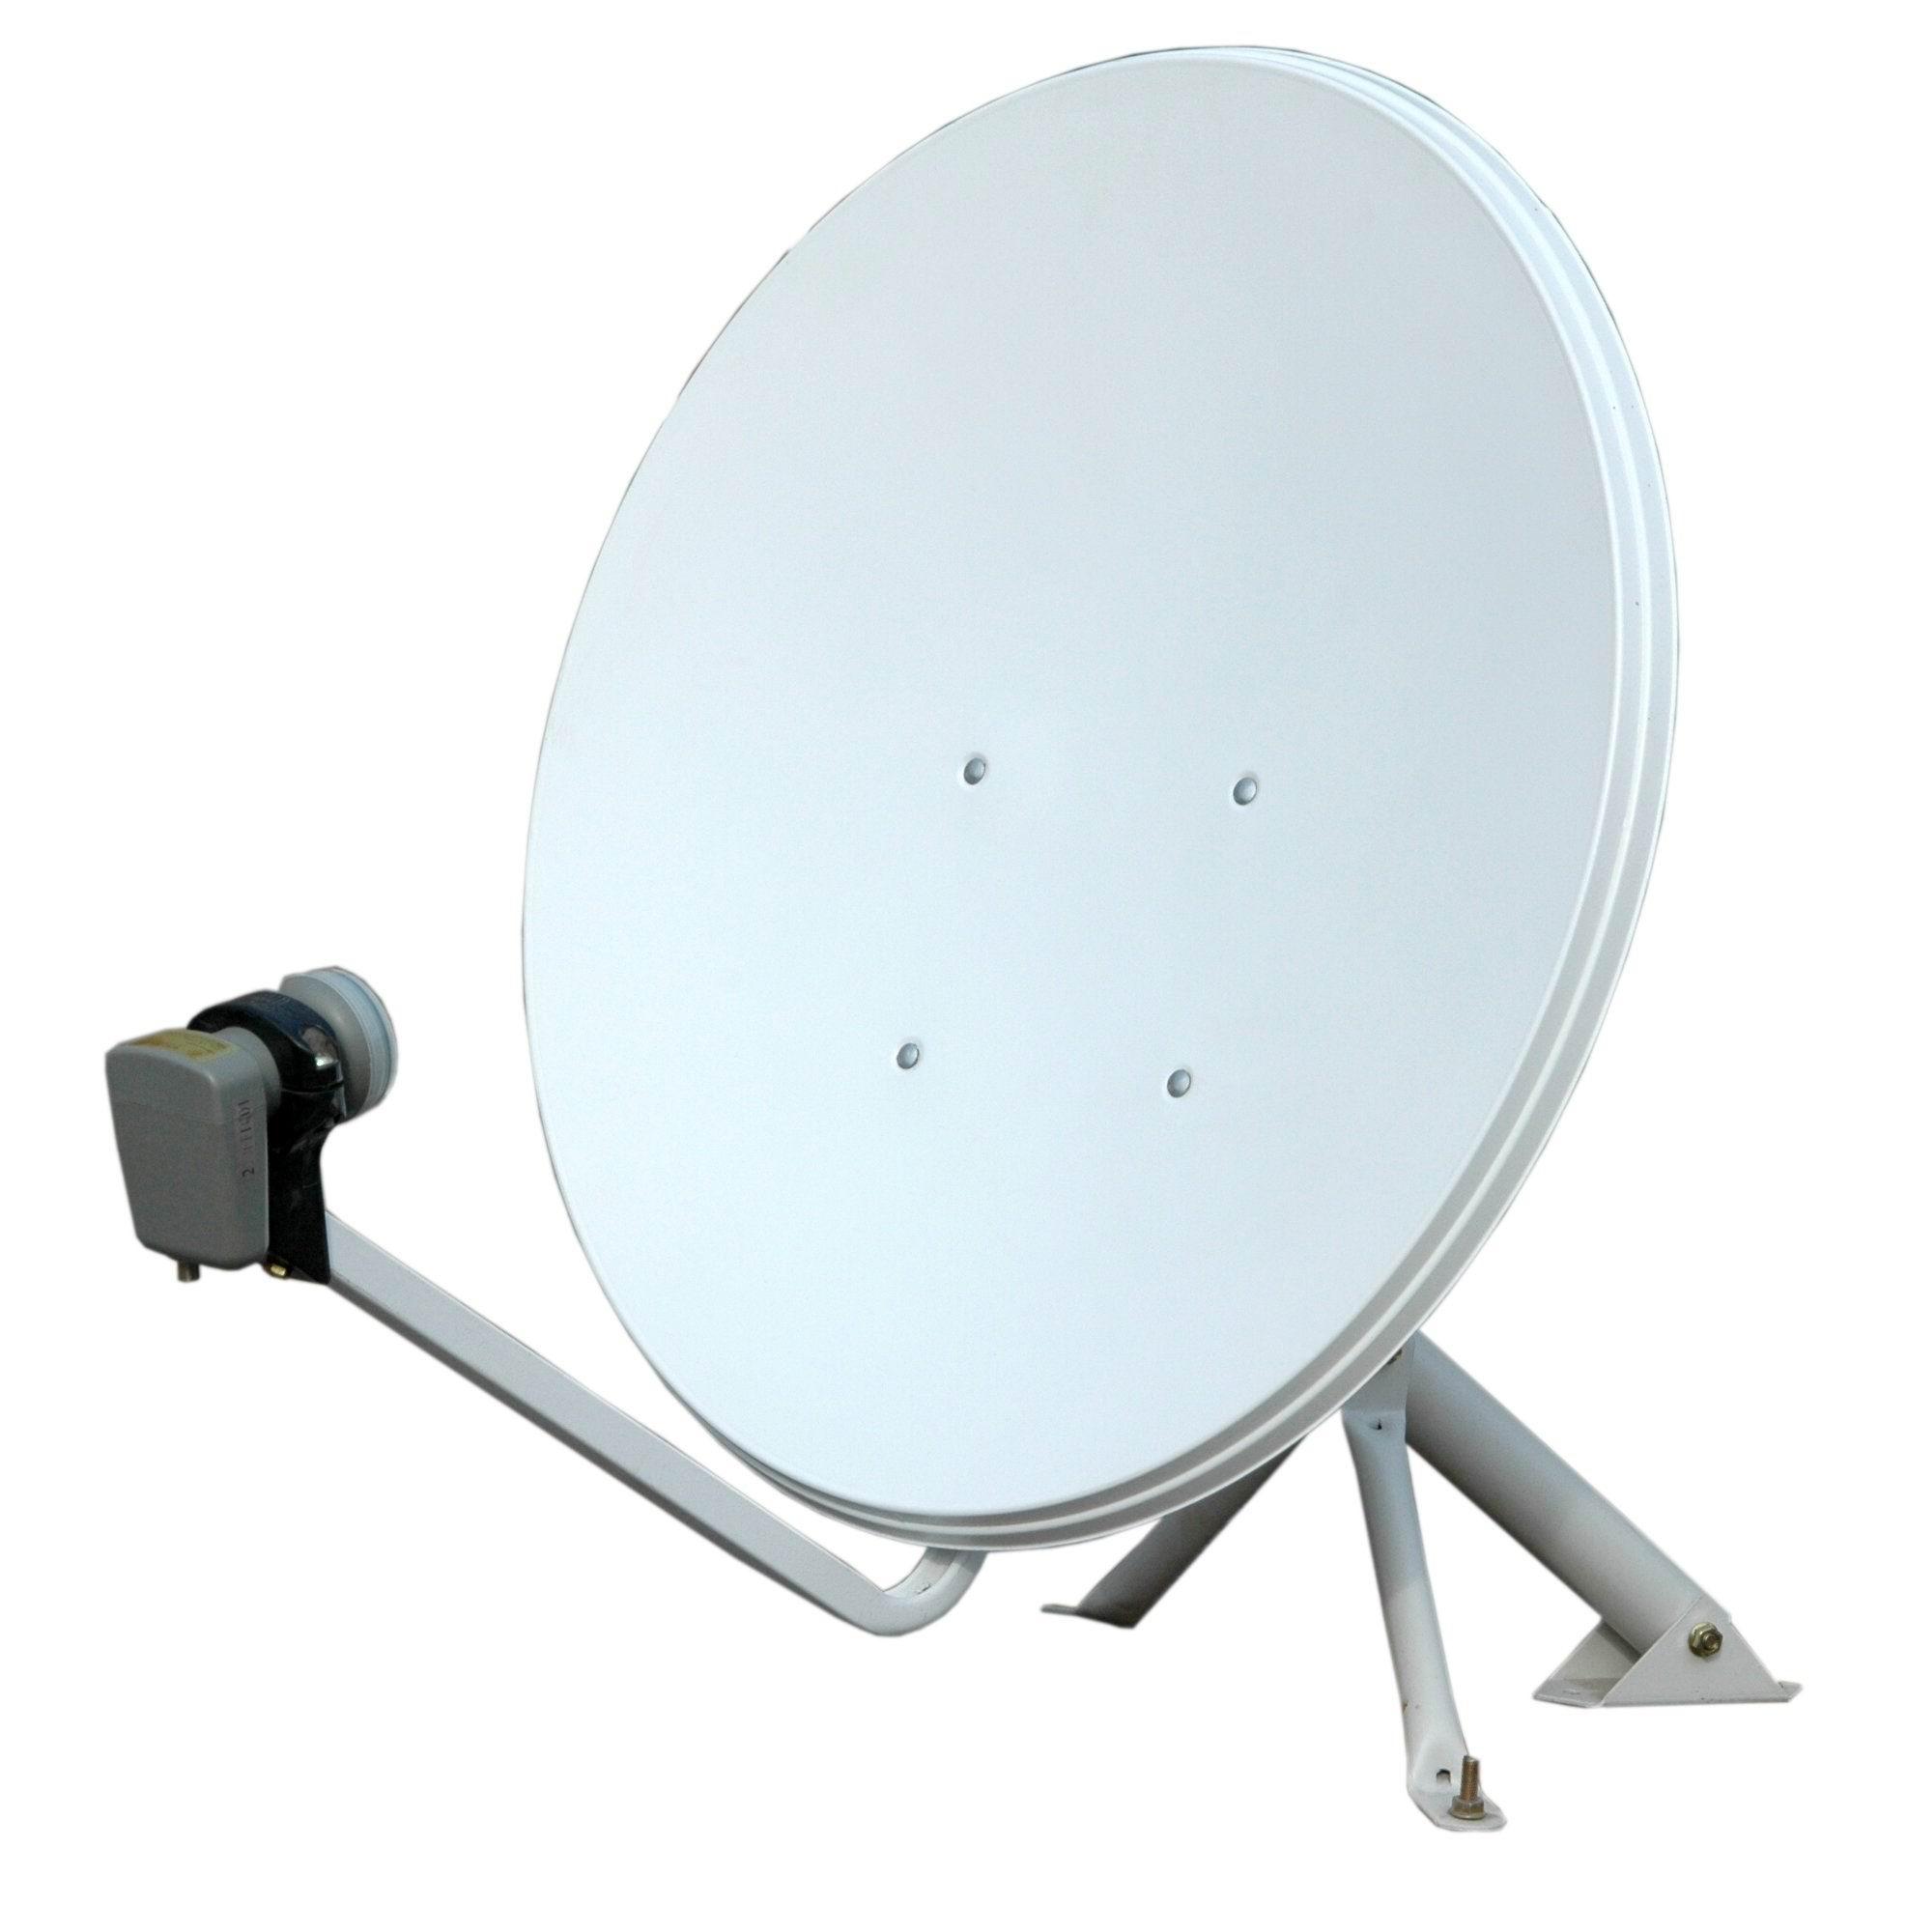 Ku-band 35cm Satellite Dish Antenna - Buy Satellite ...